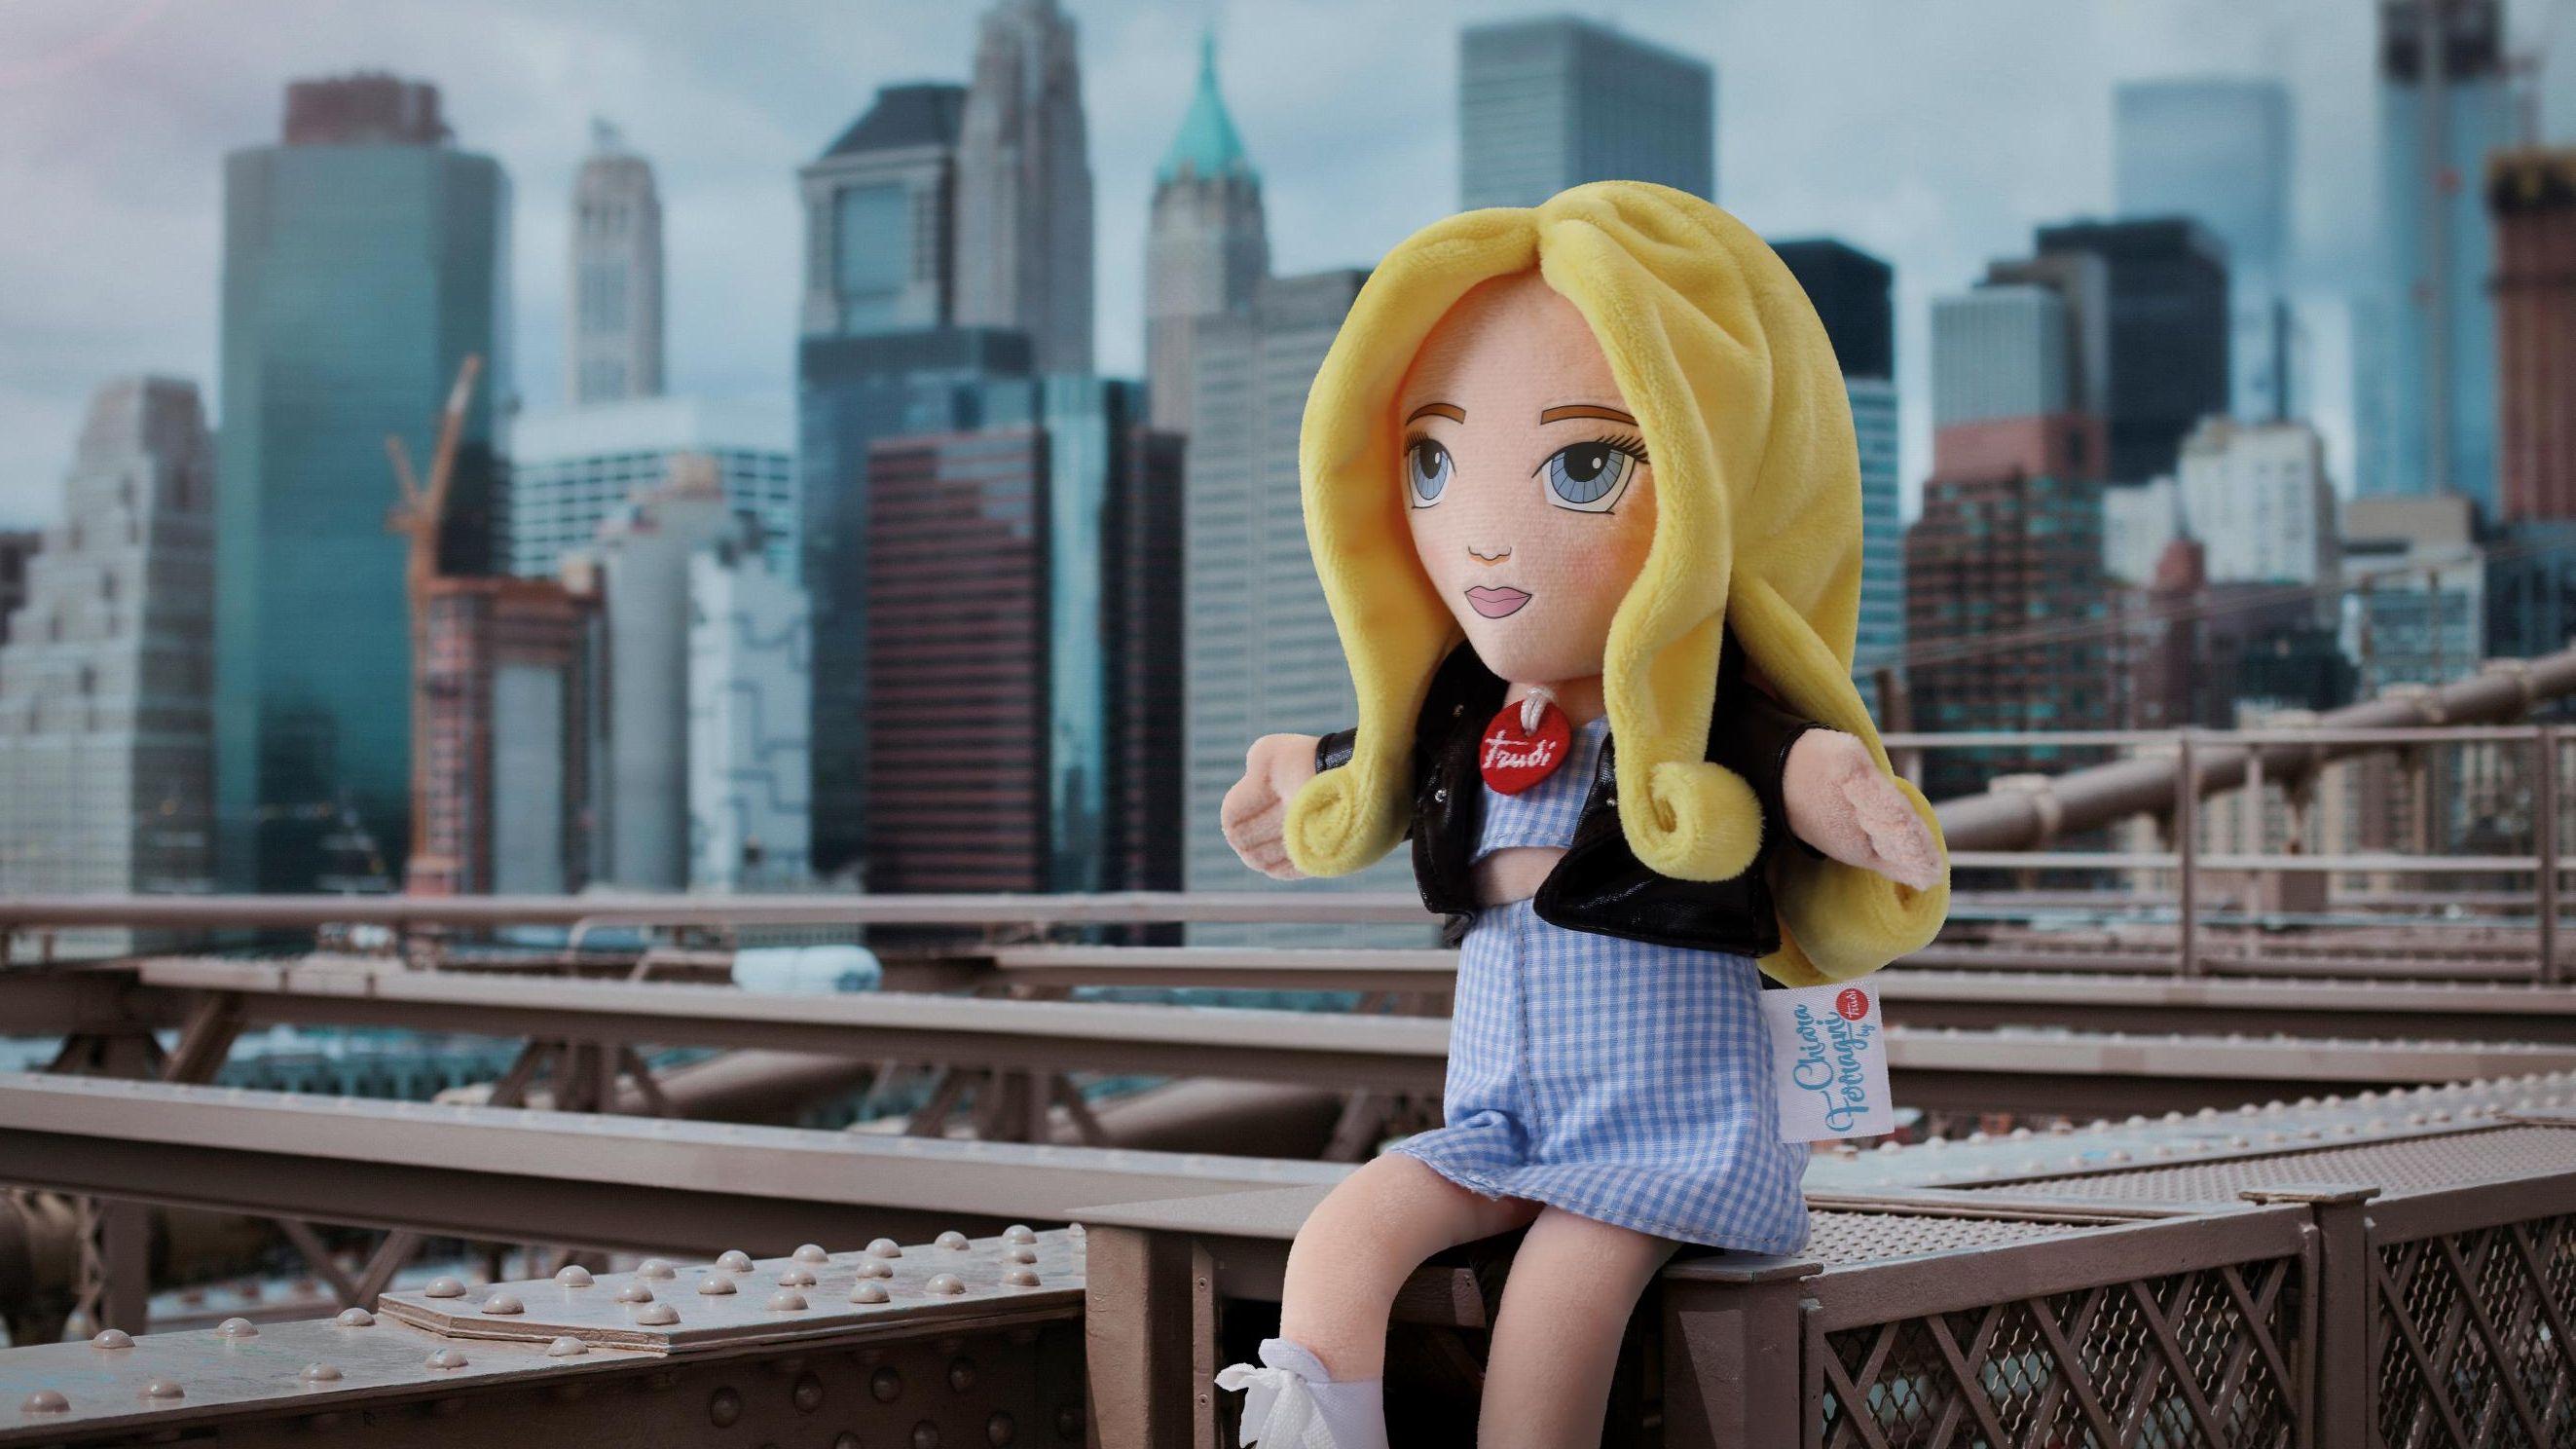 Chiara Ferragni bambola trudi in offerta su amazon